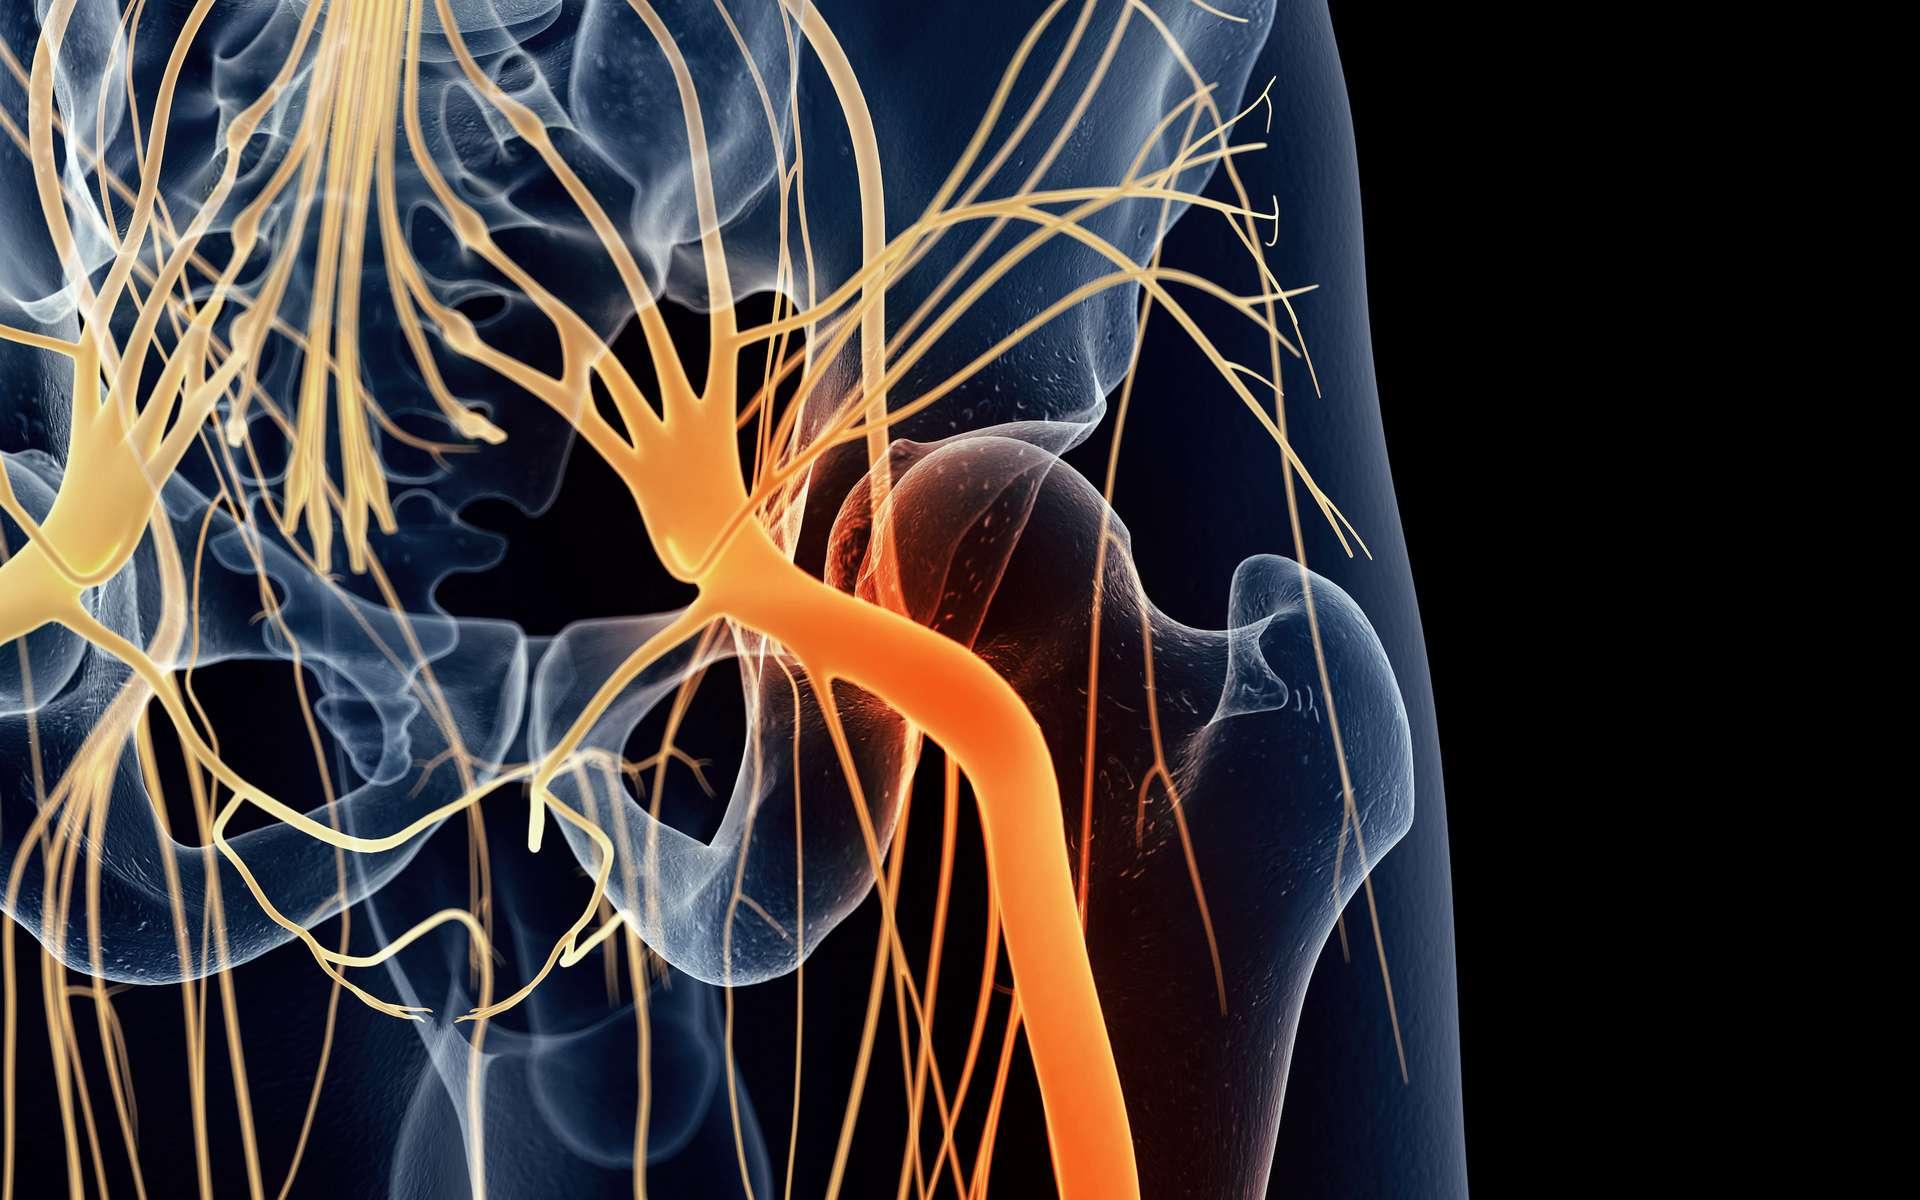 La cruralgie se traduit par une vive douleur à la cuisse. © Sebastian Kaulitzki, Adobe Stock